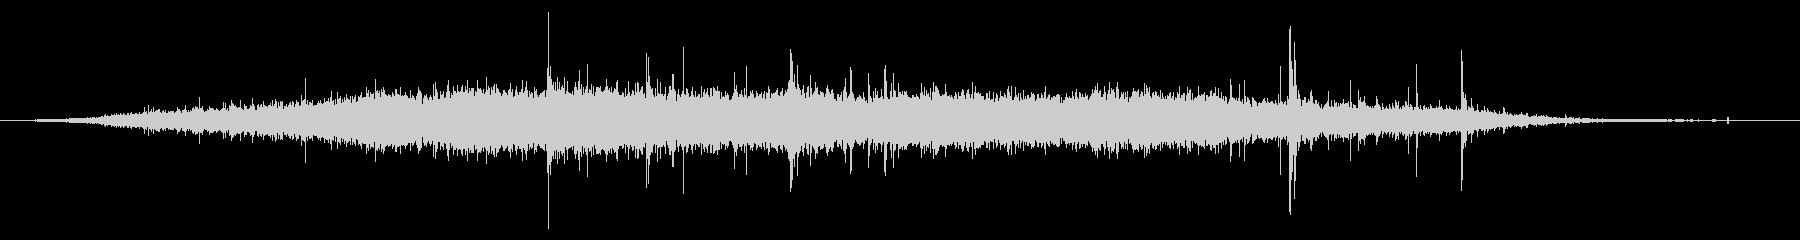 植生 紅葉ラッスルミディアム02の未再生の波形